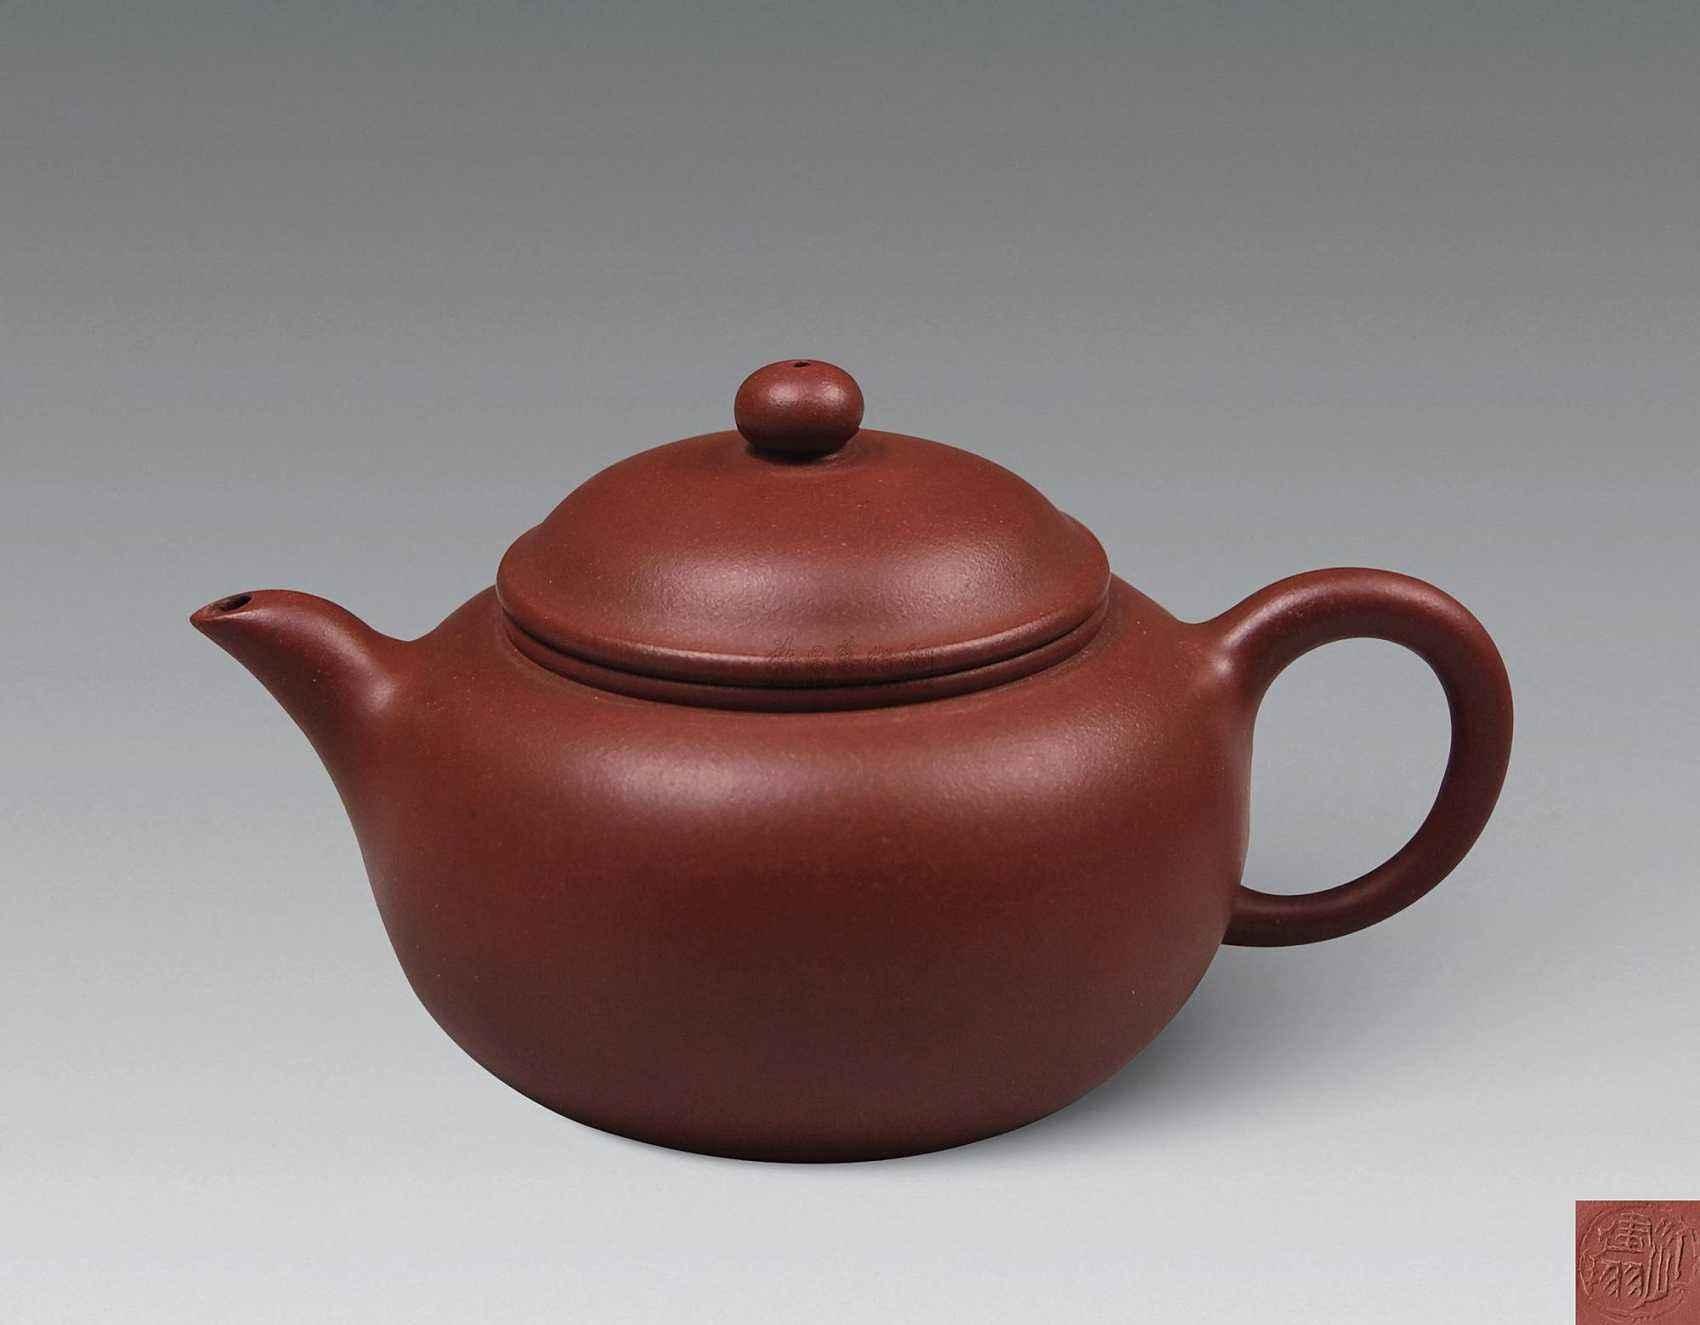 为什么用紫砂壶泡茶茶比较香?